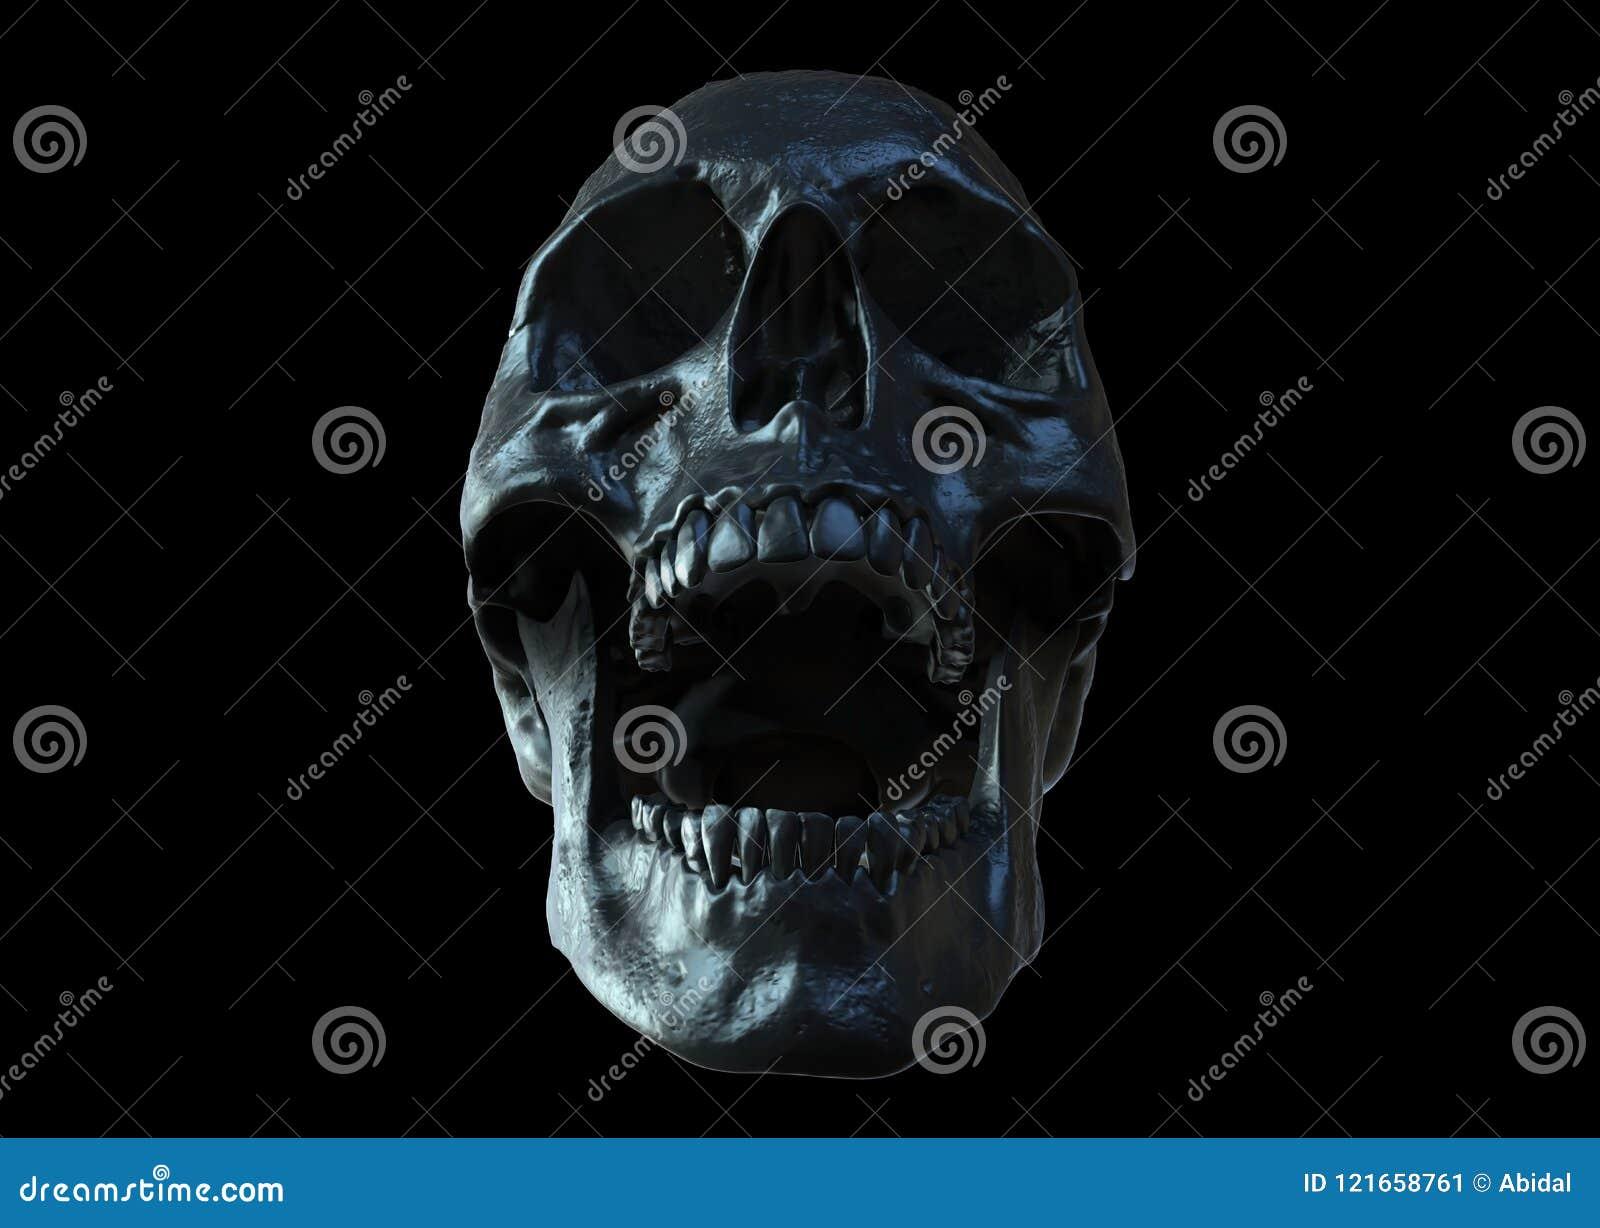 Black Skull Screaming Isolated